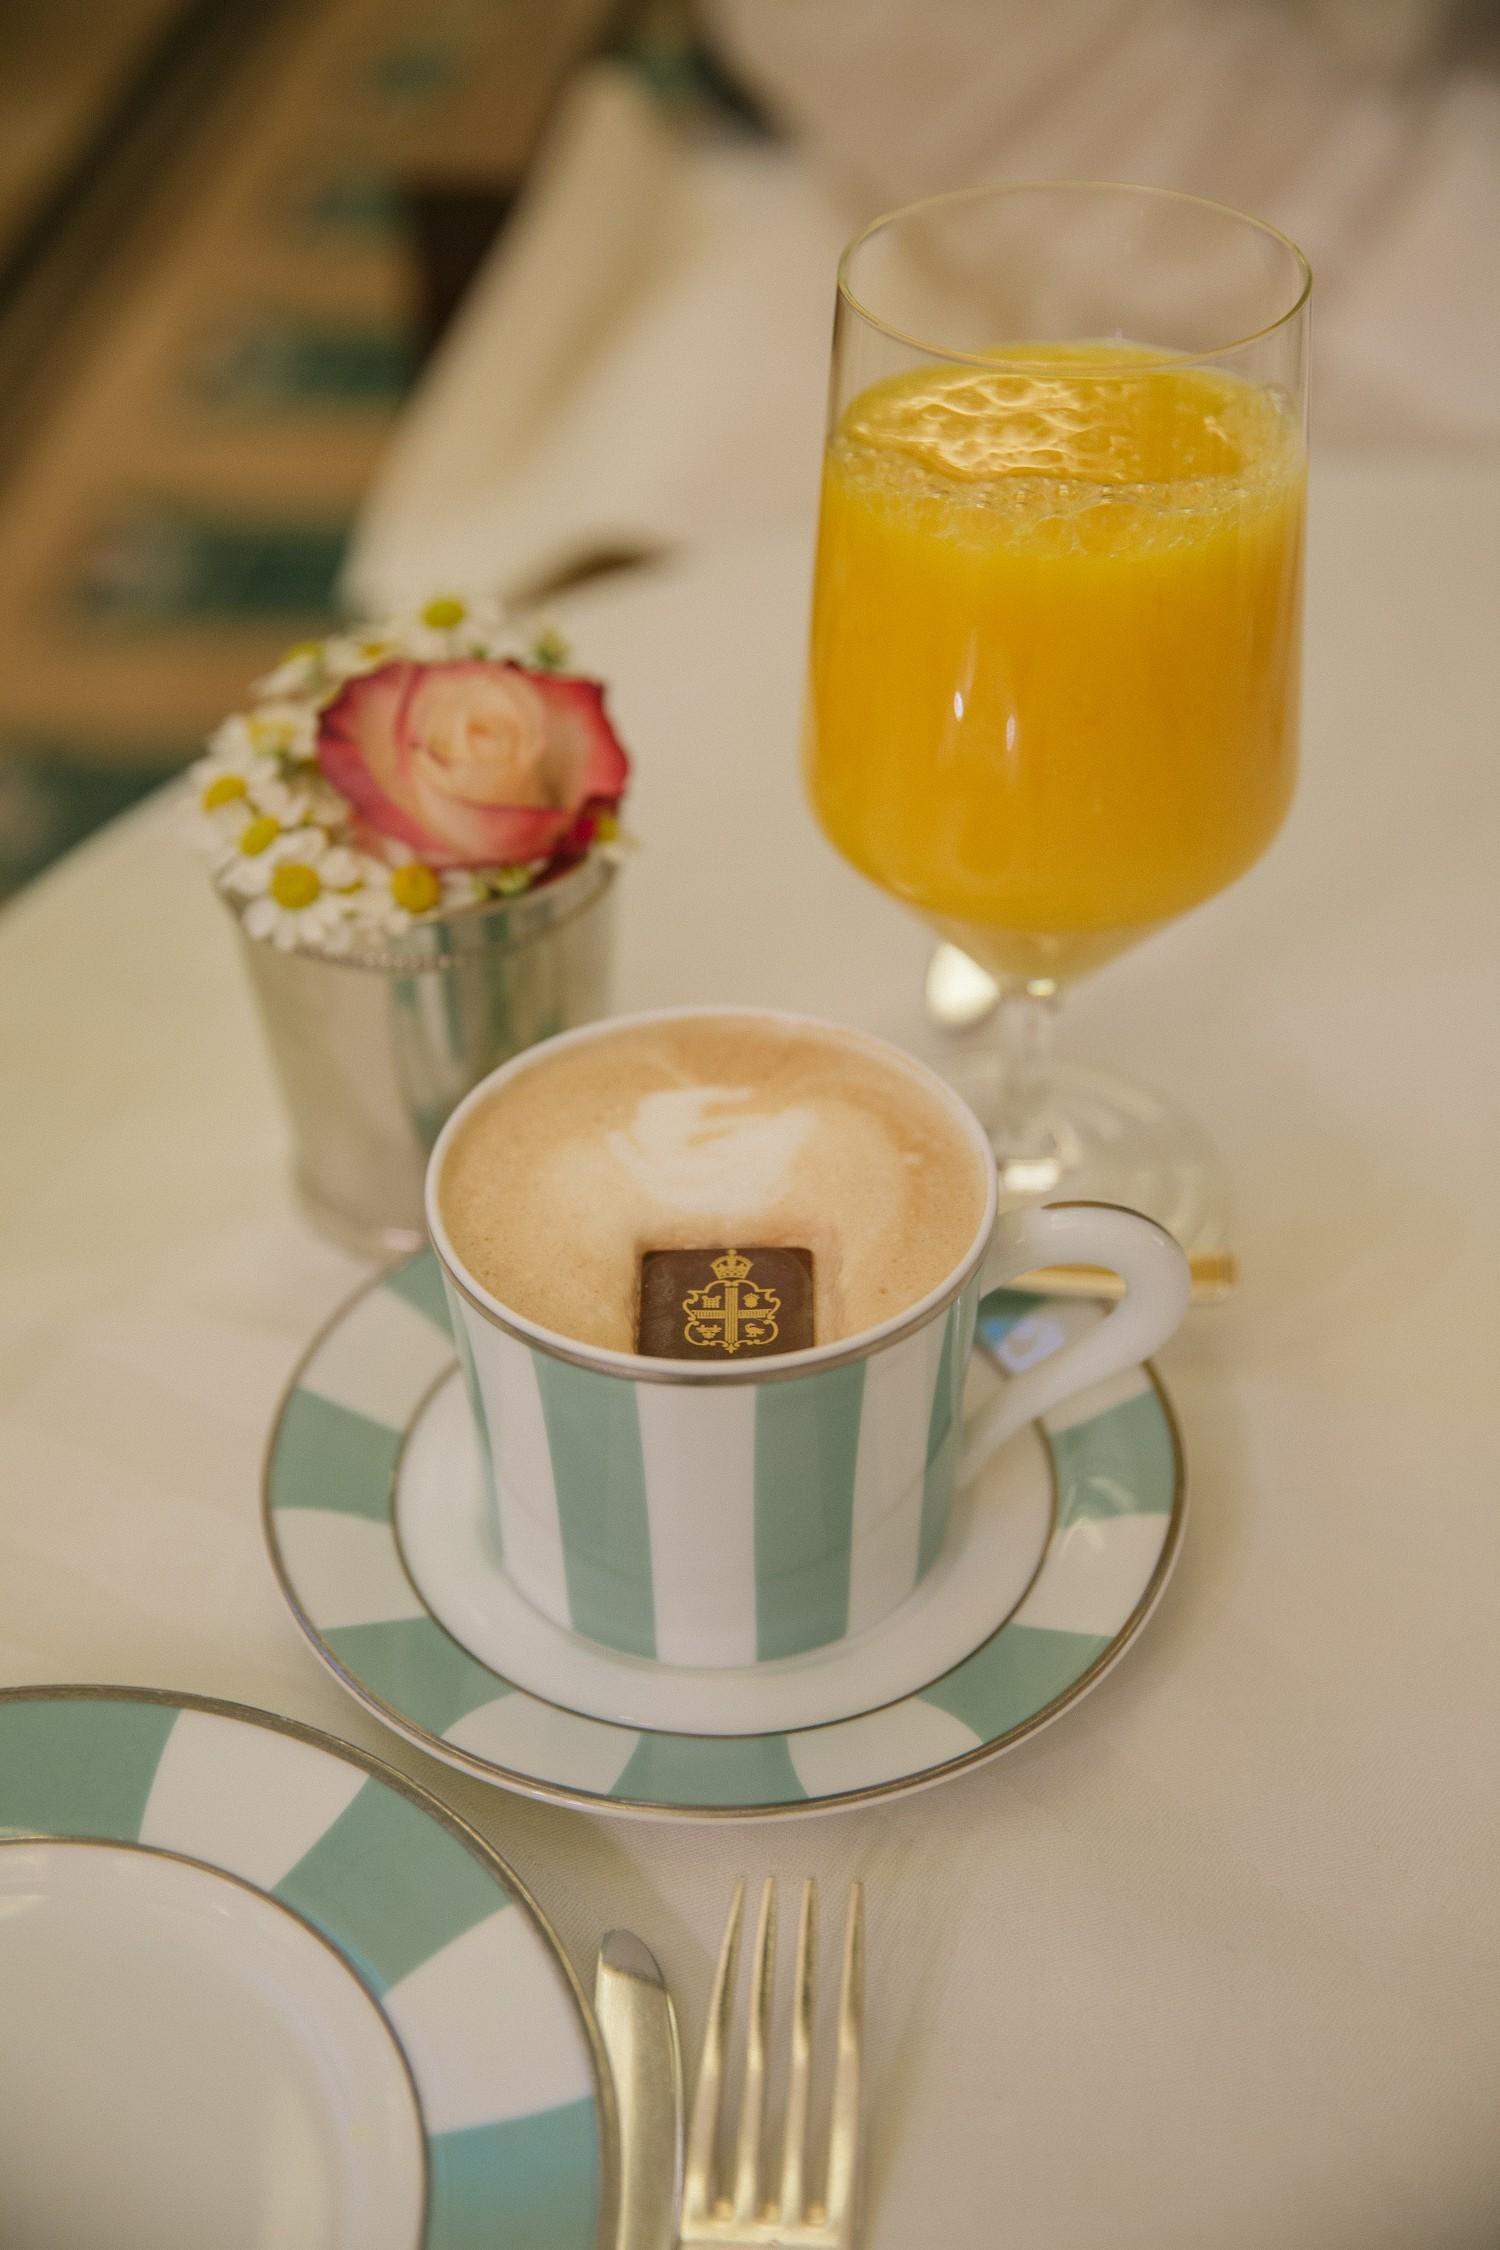 Breakfast at Claridge's